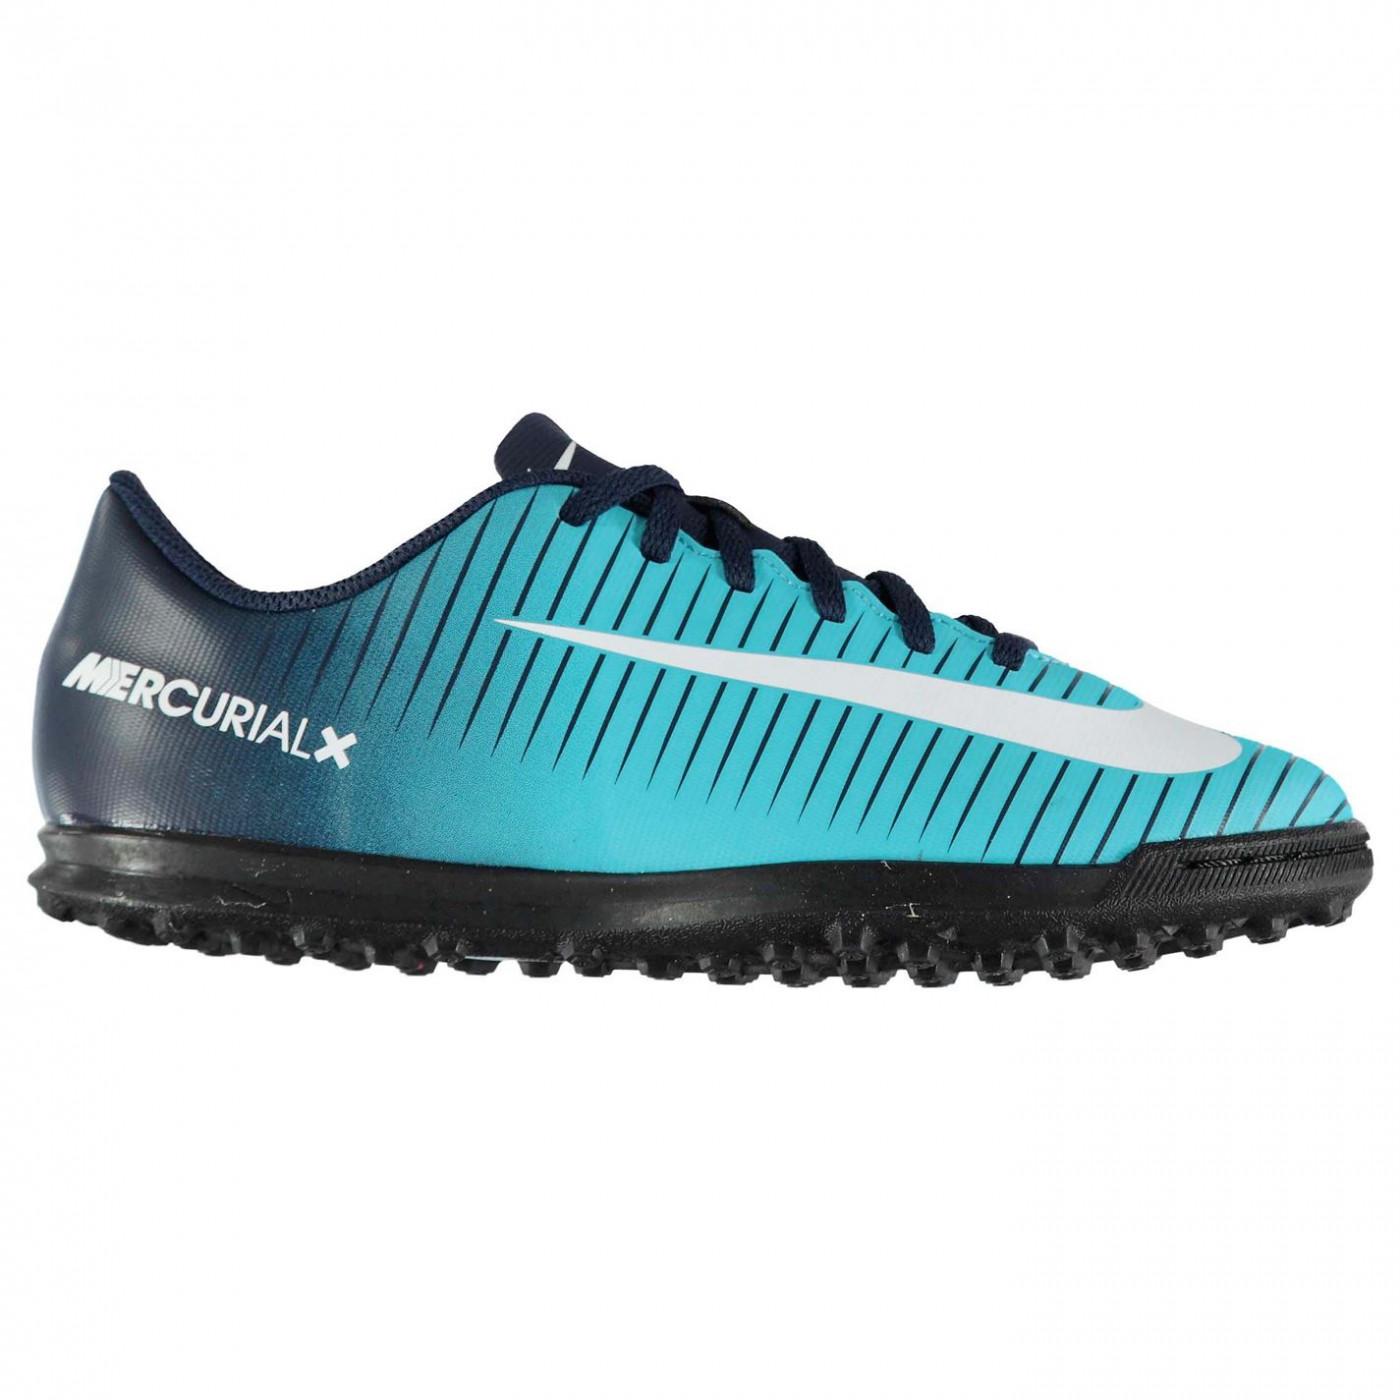 75eeb6cace6c Nike Mercurial Vortex Junior Astro Turf Trainers - FACTCOOL